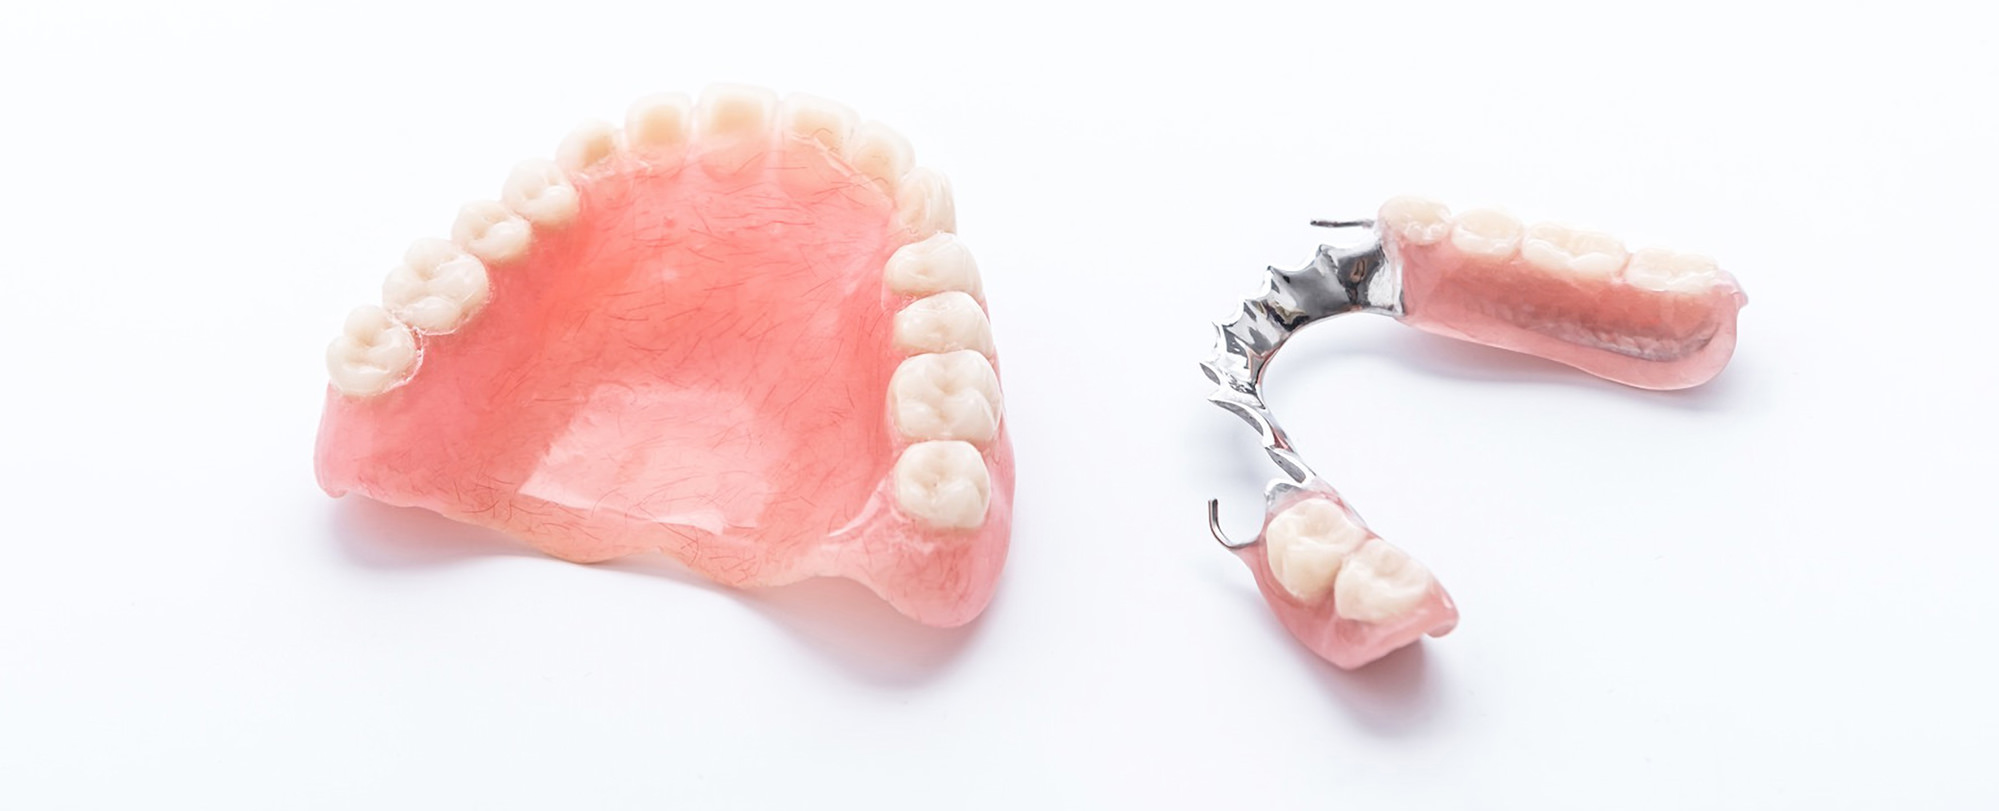 folkestone denture repairs kent